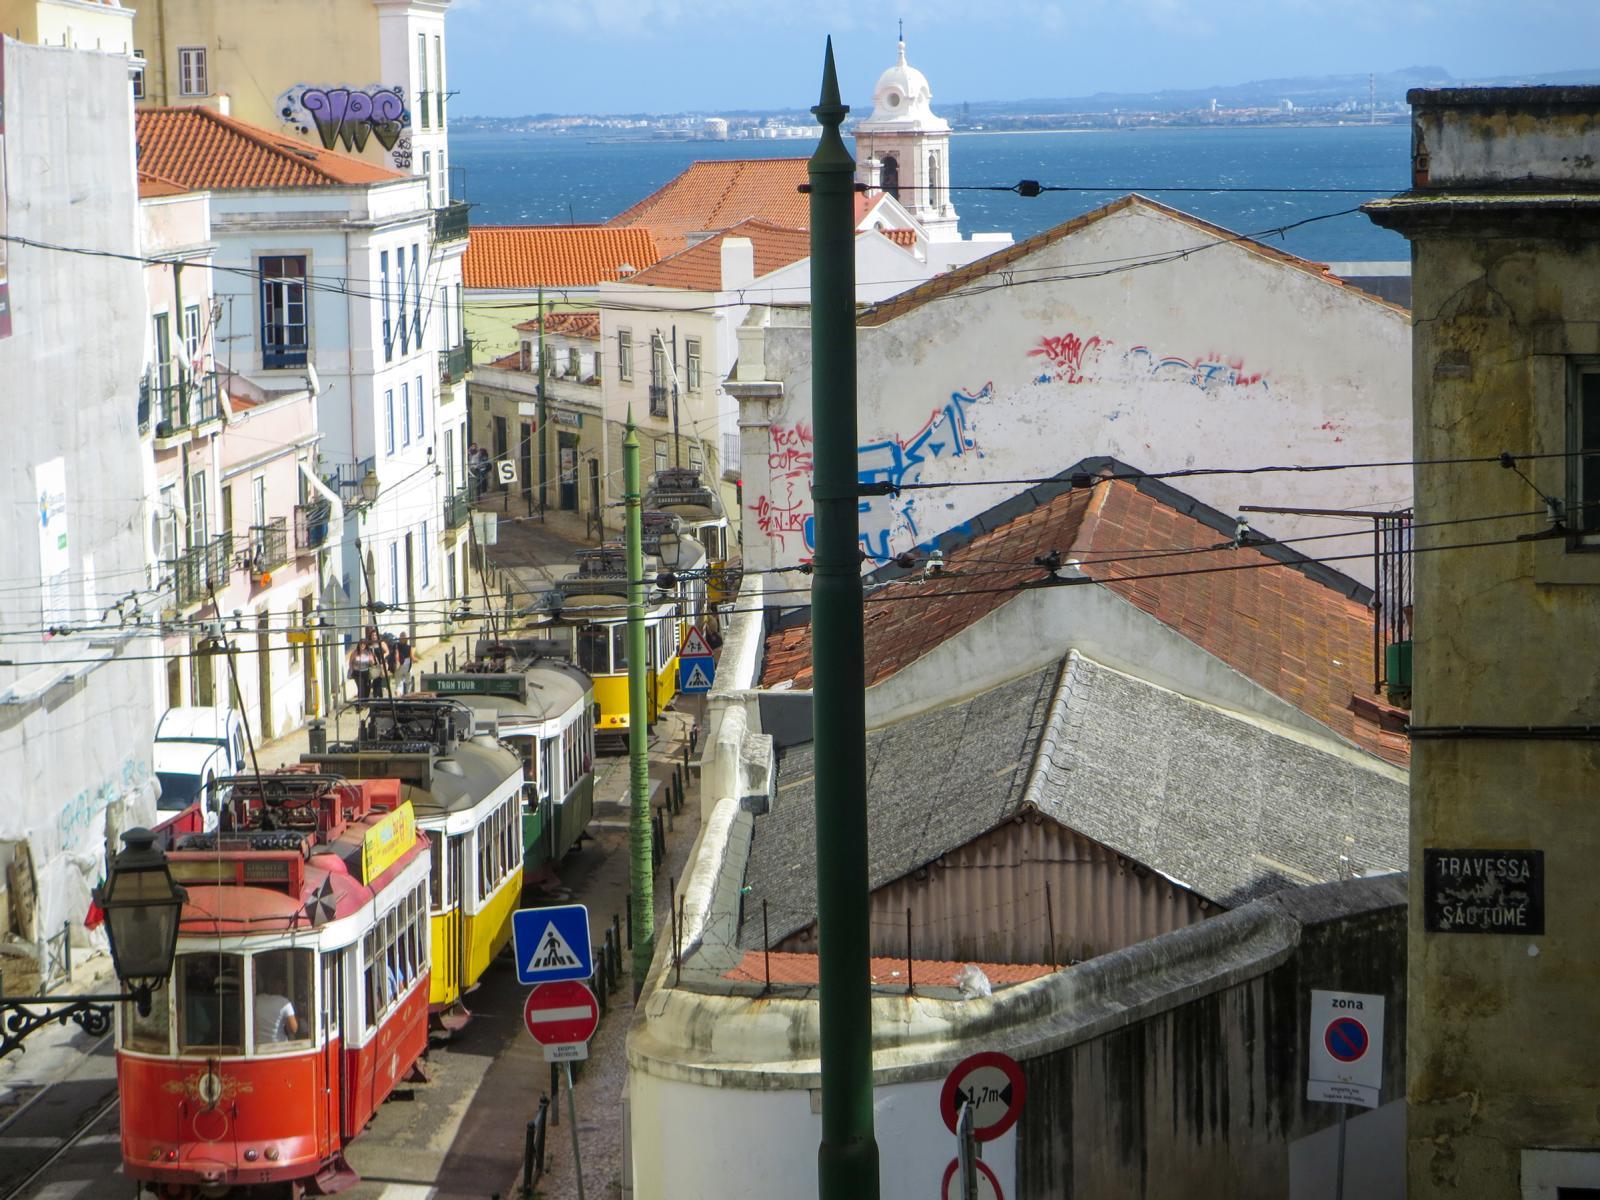 Städtereise Lissabon: 35 Top Sehenswürdigkeiten & Reisetipps